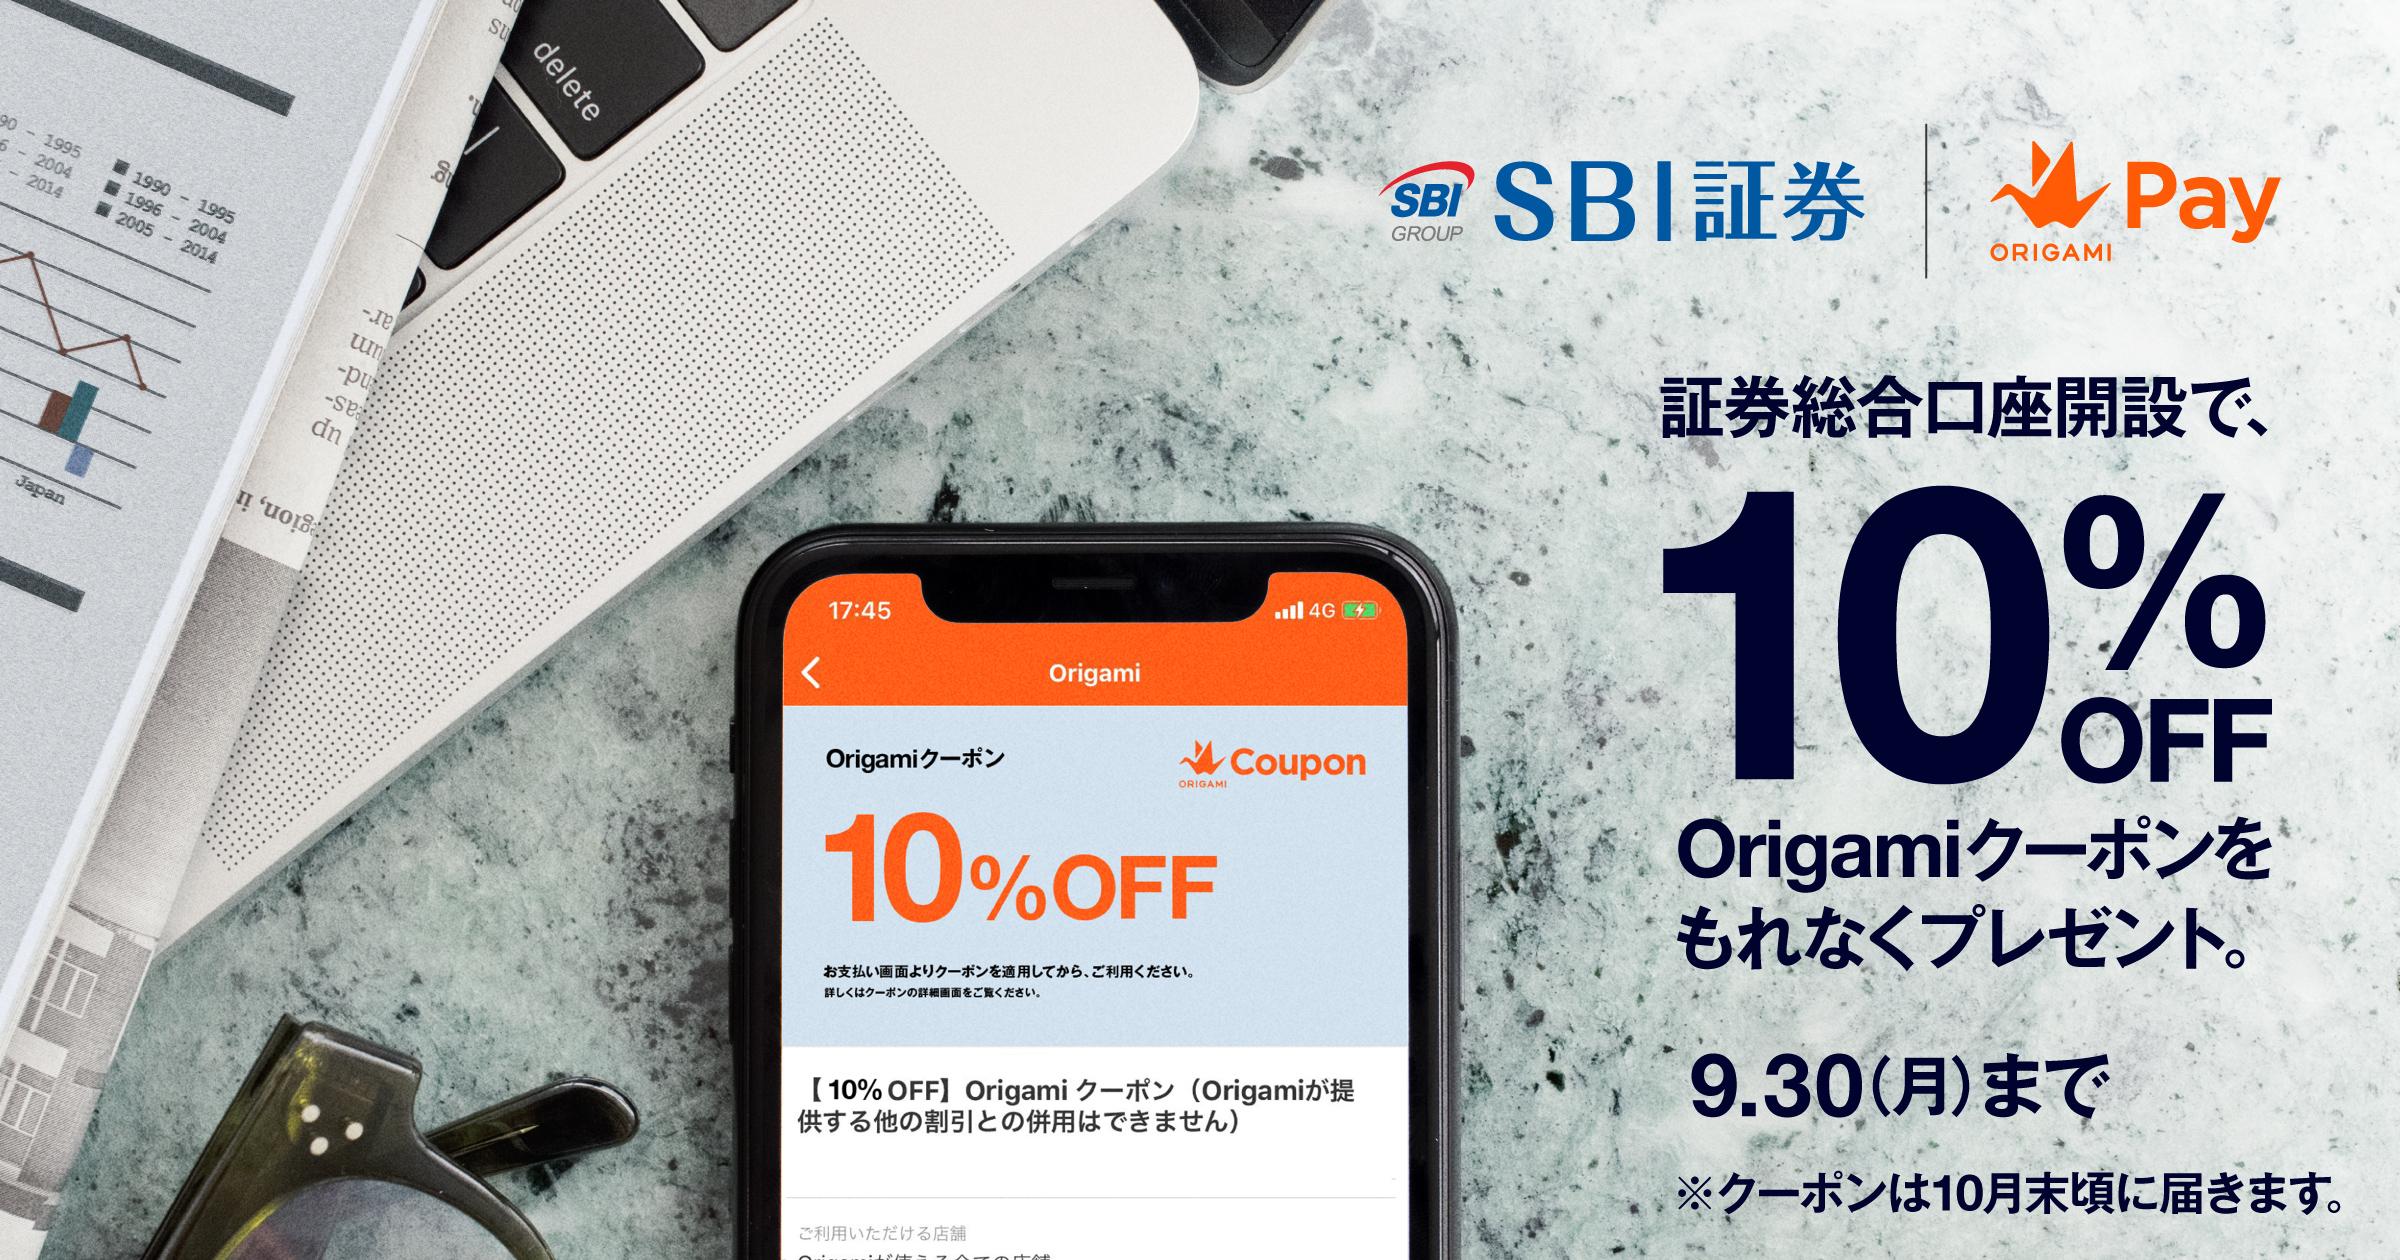 【オリガミペイ】SBI証券口座開設で10%OFF Origamiクーポンをプレゼント